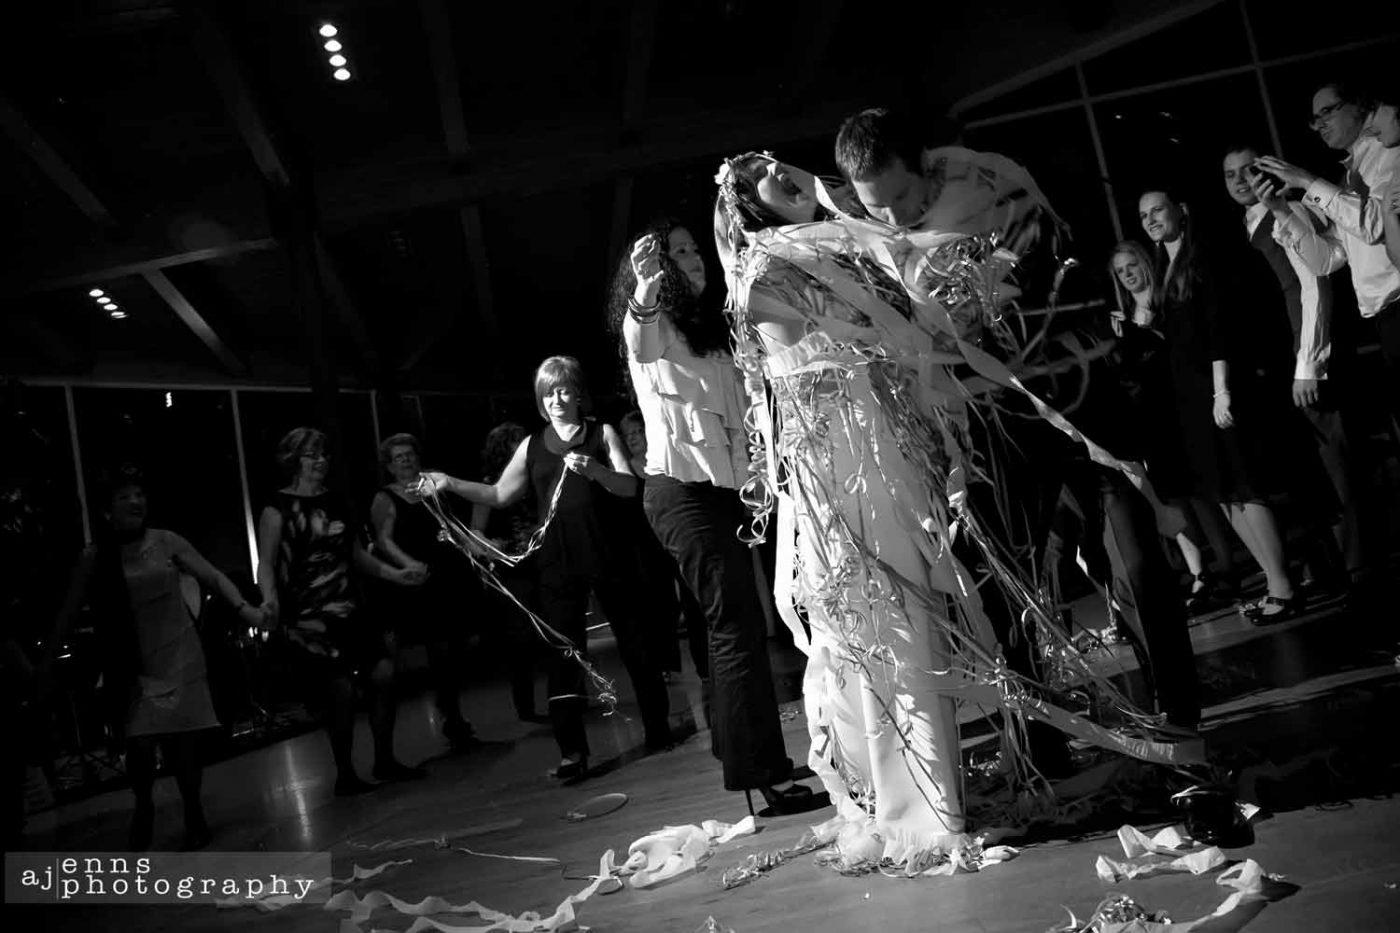 Dancing in confetti in the Qualico Centre